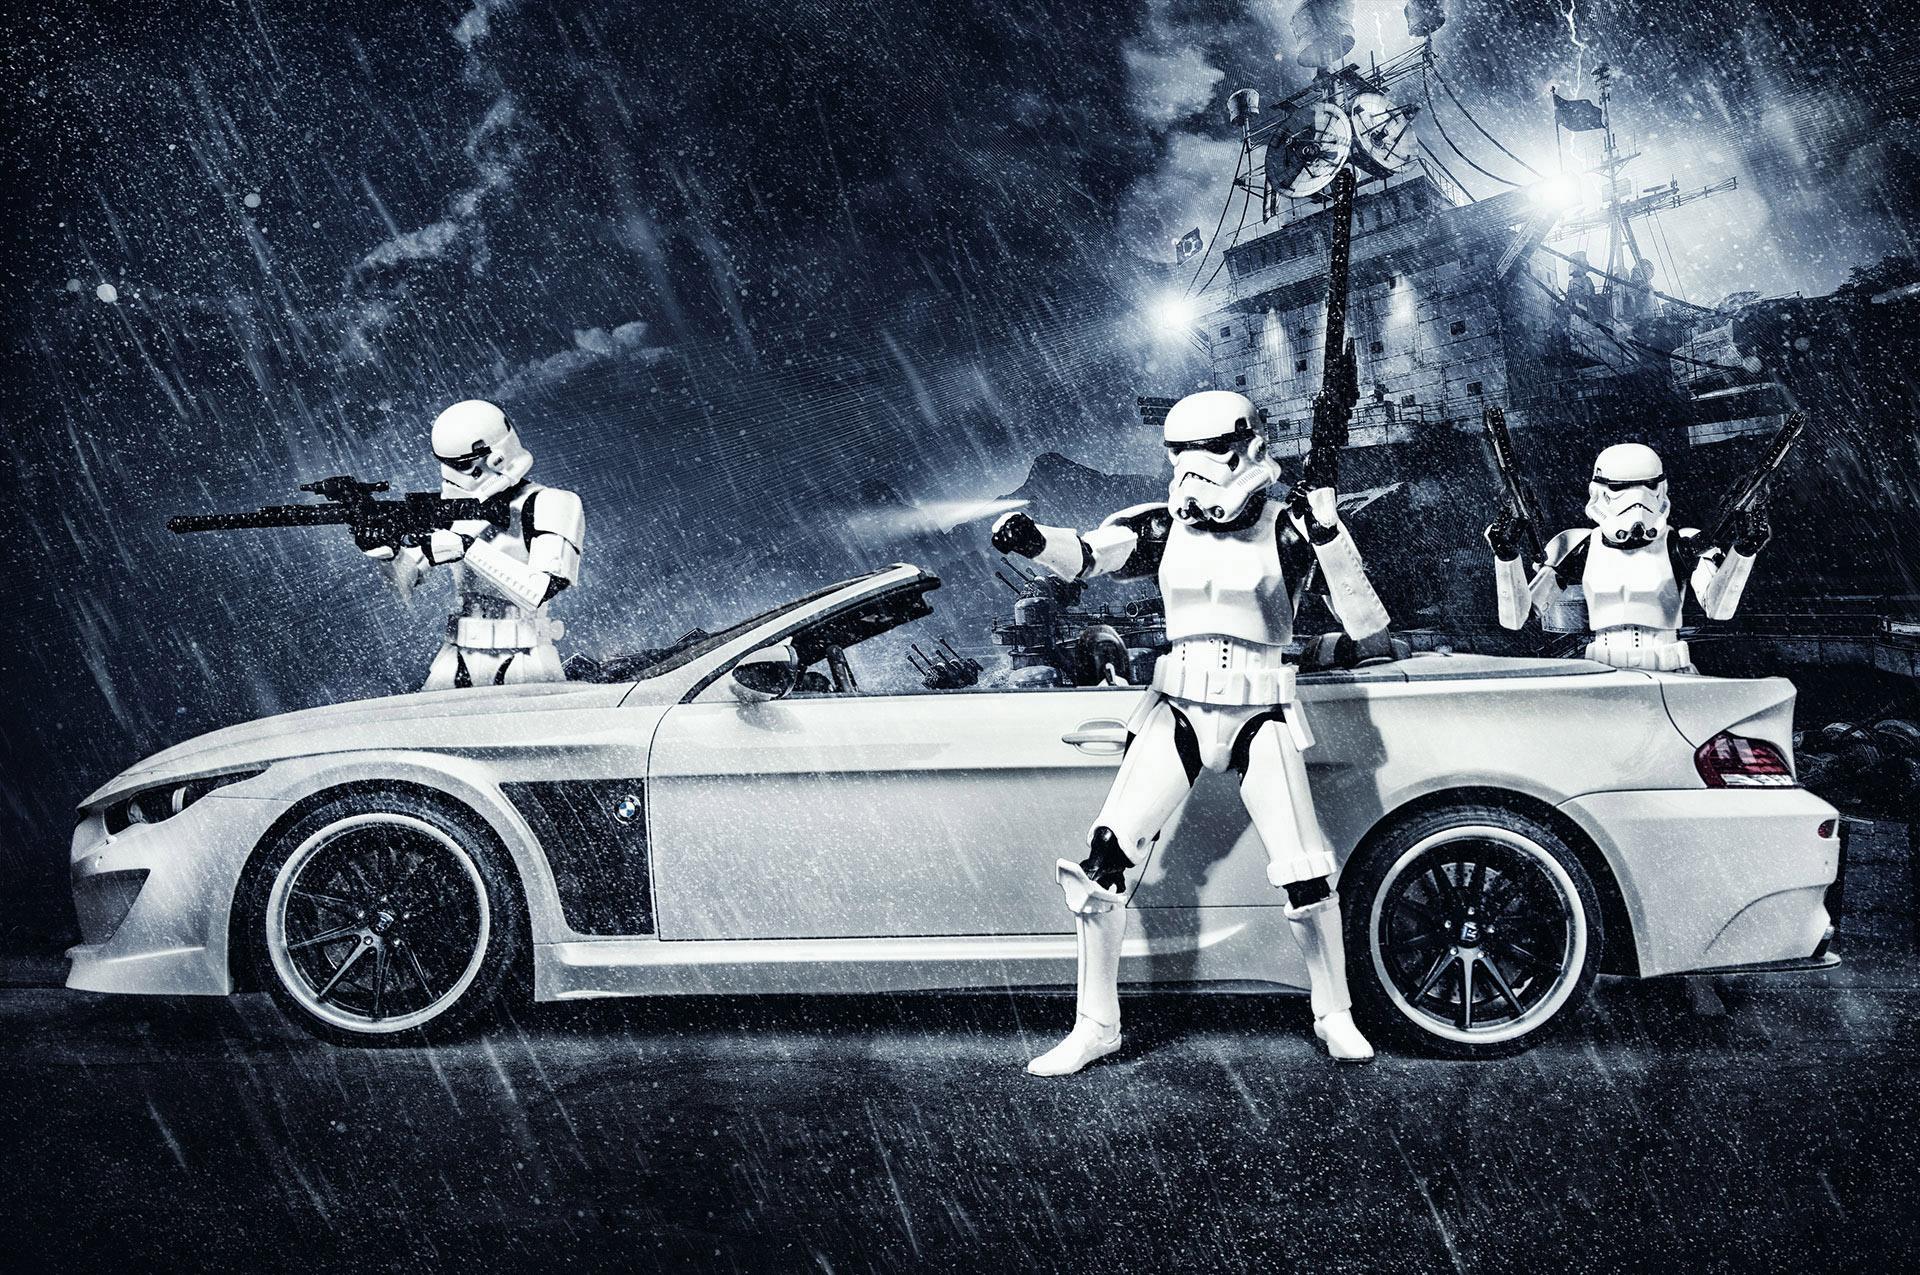 http://www.automobilesreview.com/img/bmw-stormtrooper-by-vilner/bmw-stormtrooper-by-vilner-10.jpg